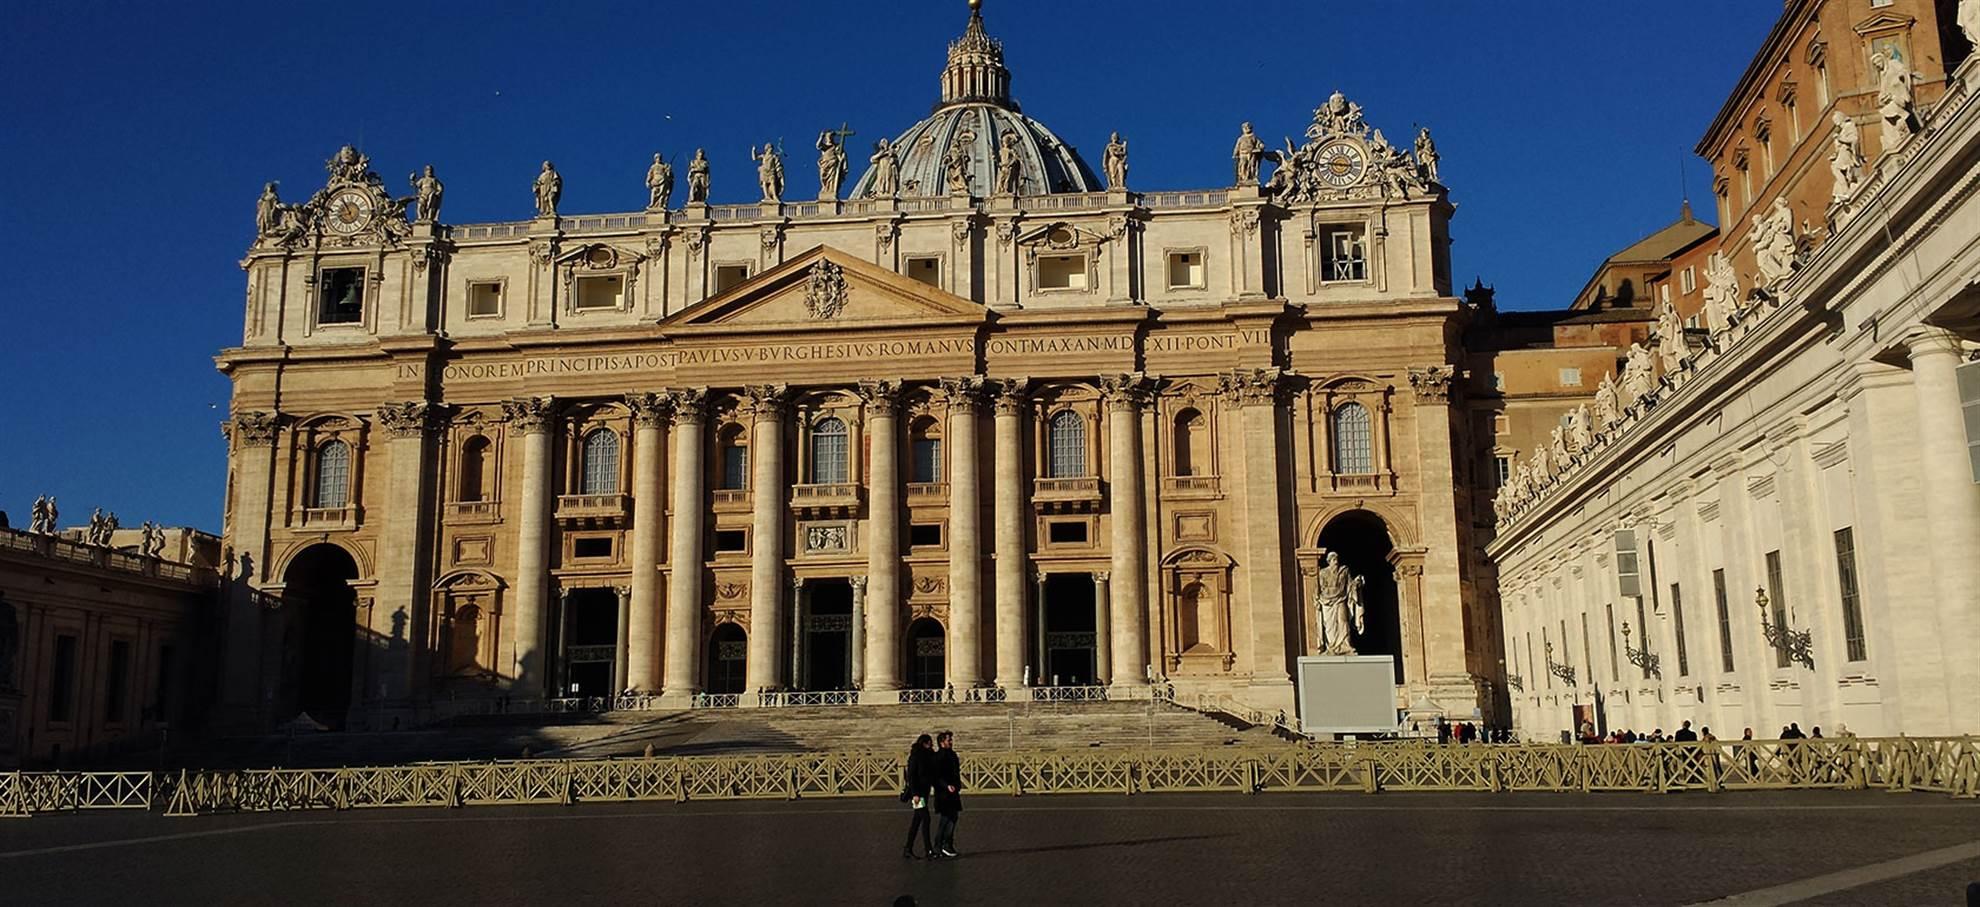 Musées du Vatican & Chapelle Sixtine le Vendredi Soir